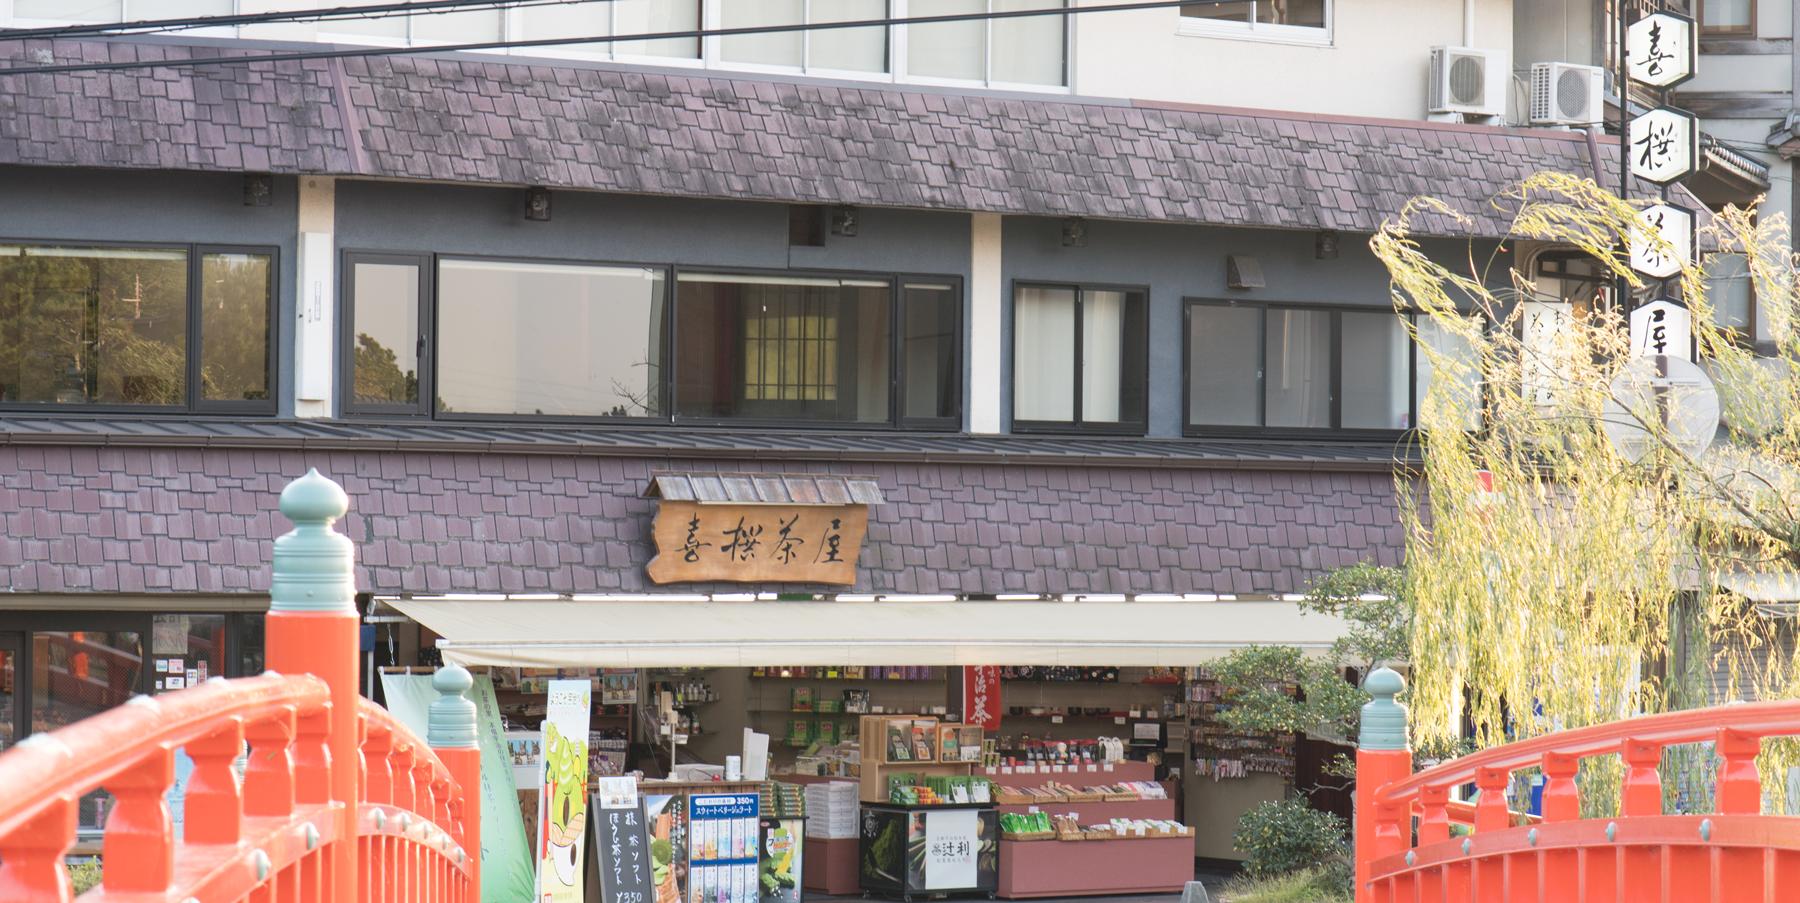 喜撰茶屋| 宇治のお抹茶・お土産なら京都宇治のお食事処